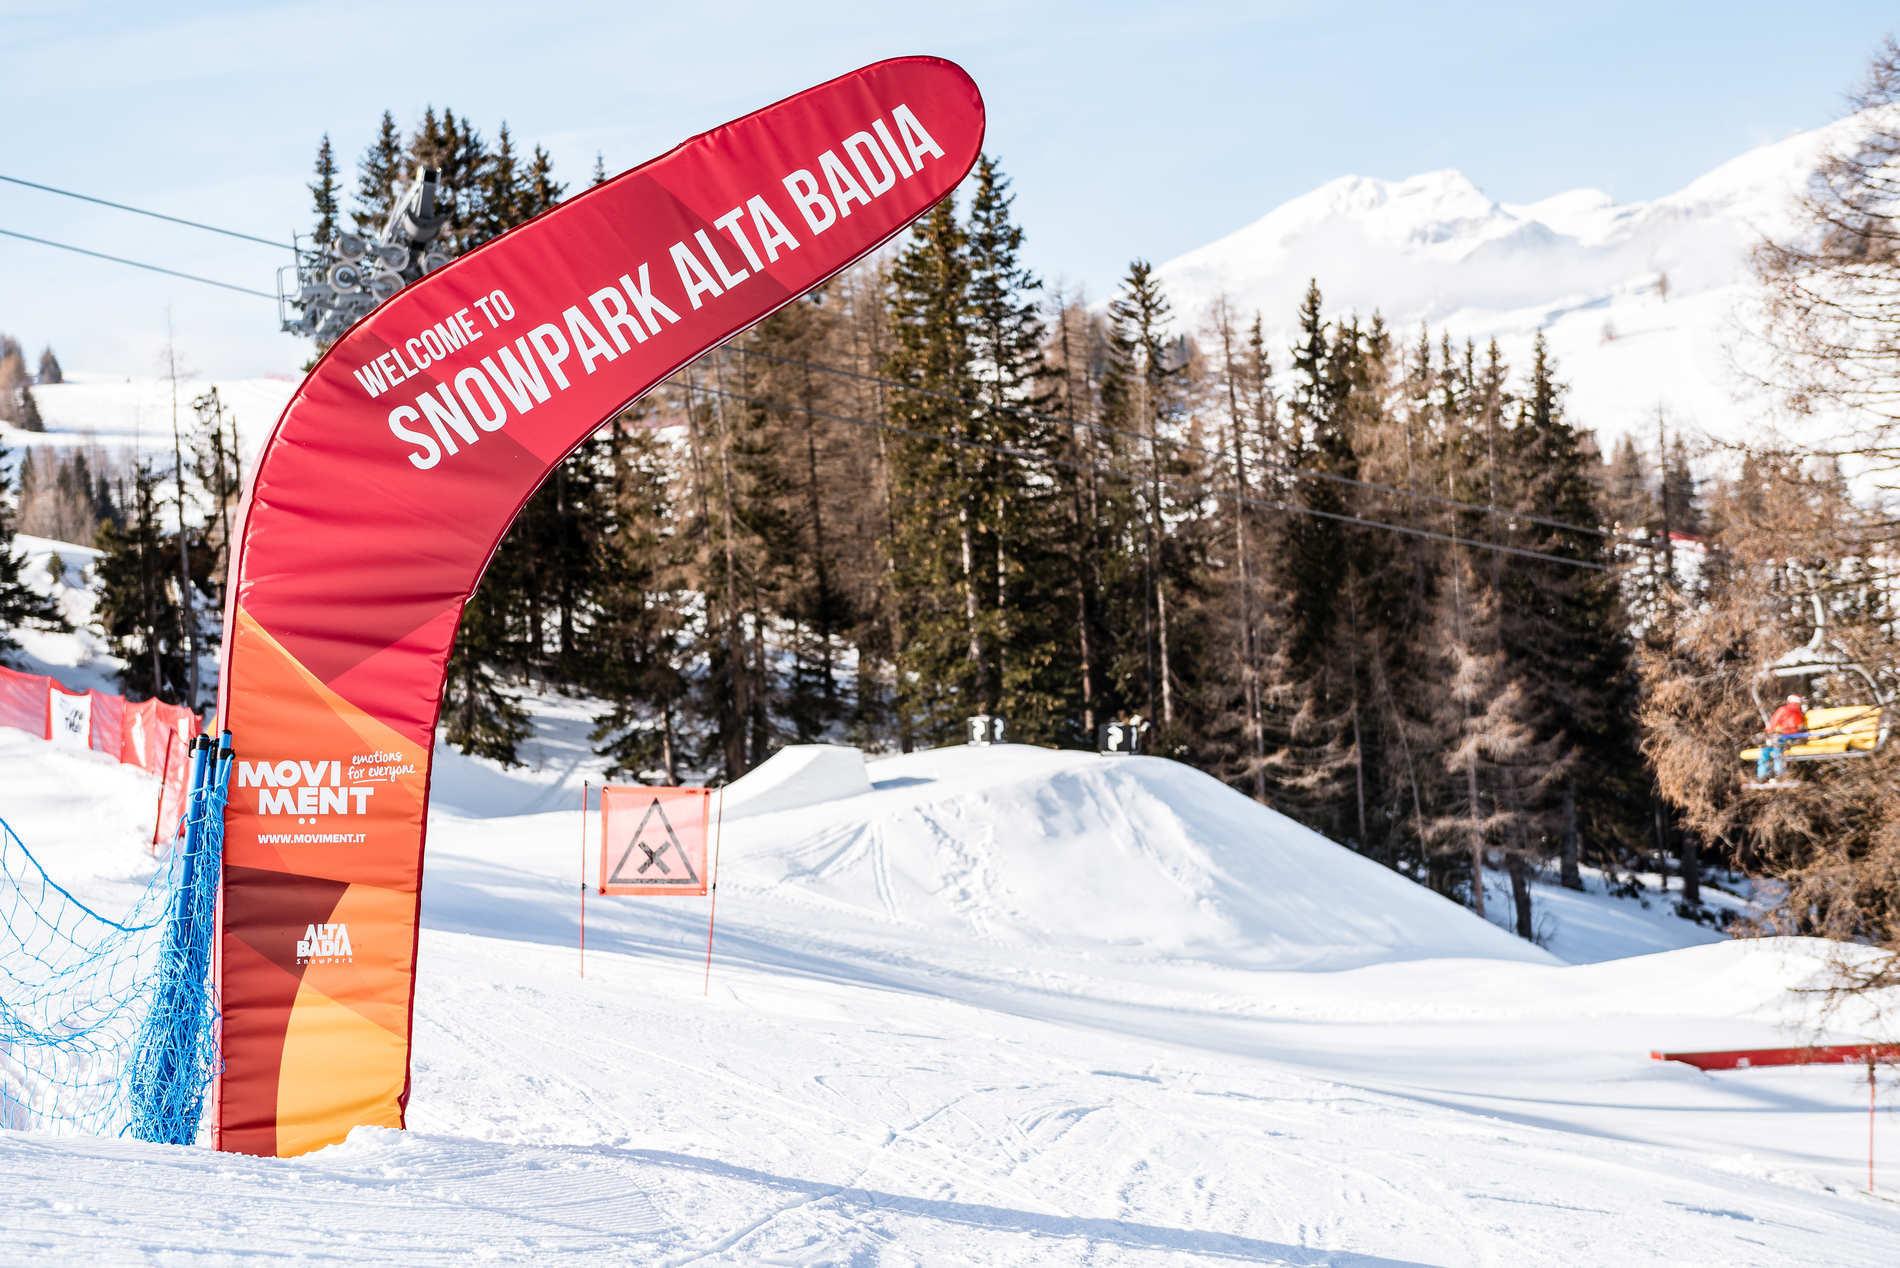 alta badia 09 03 2019 scenics fs sb christian riefenberg qparks 8